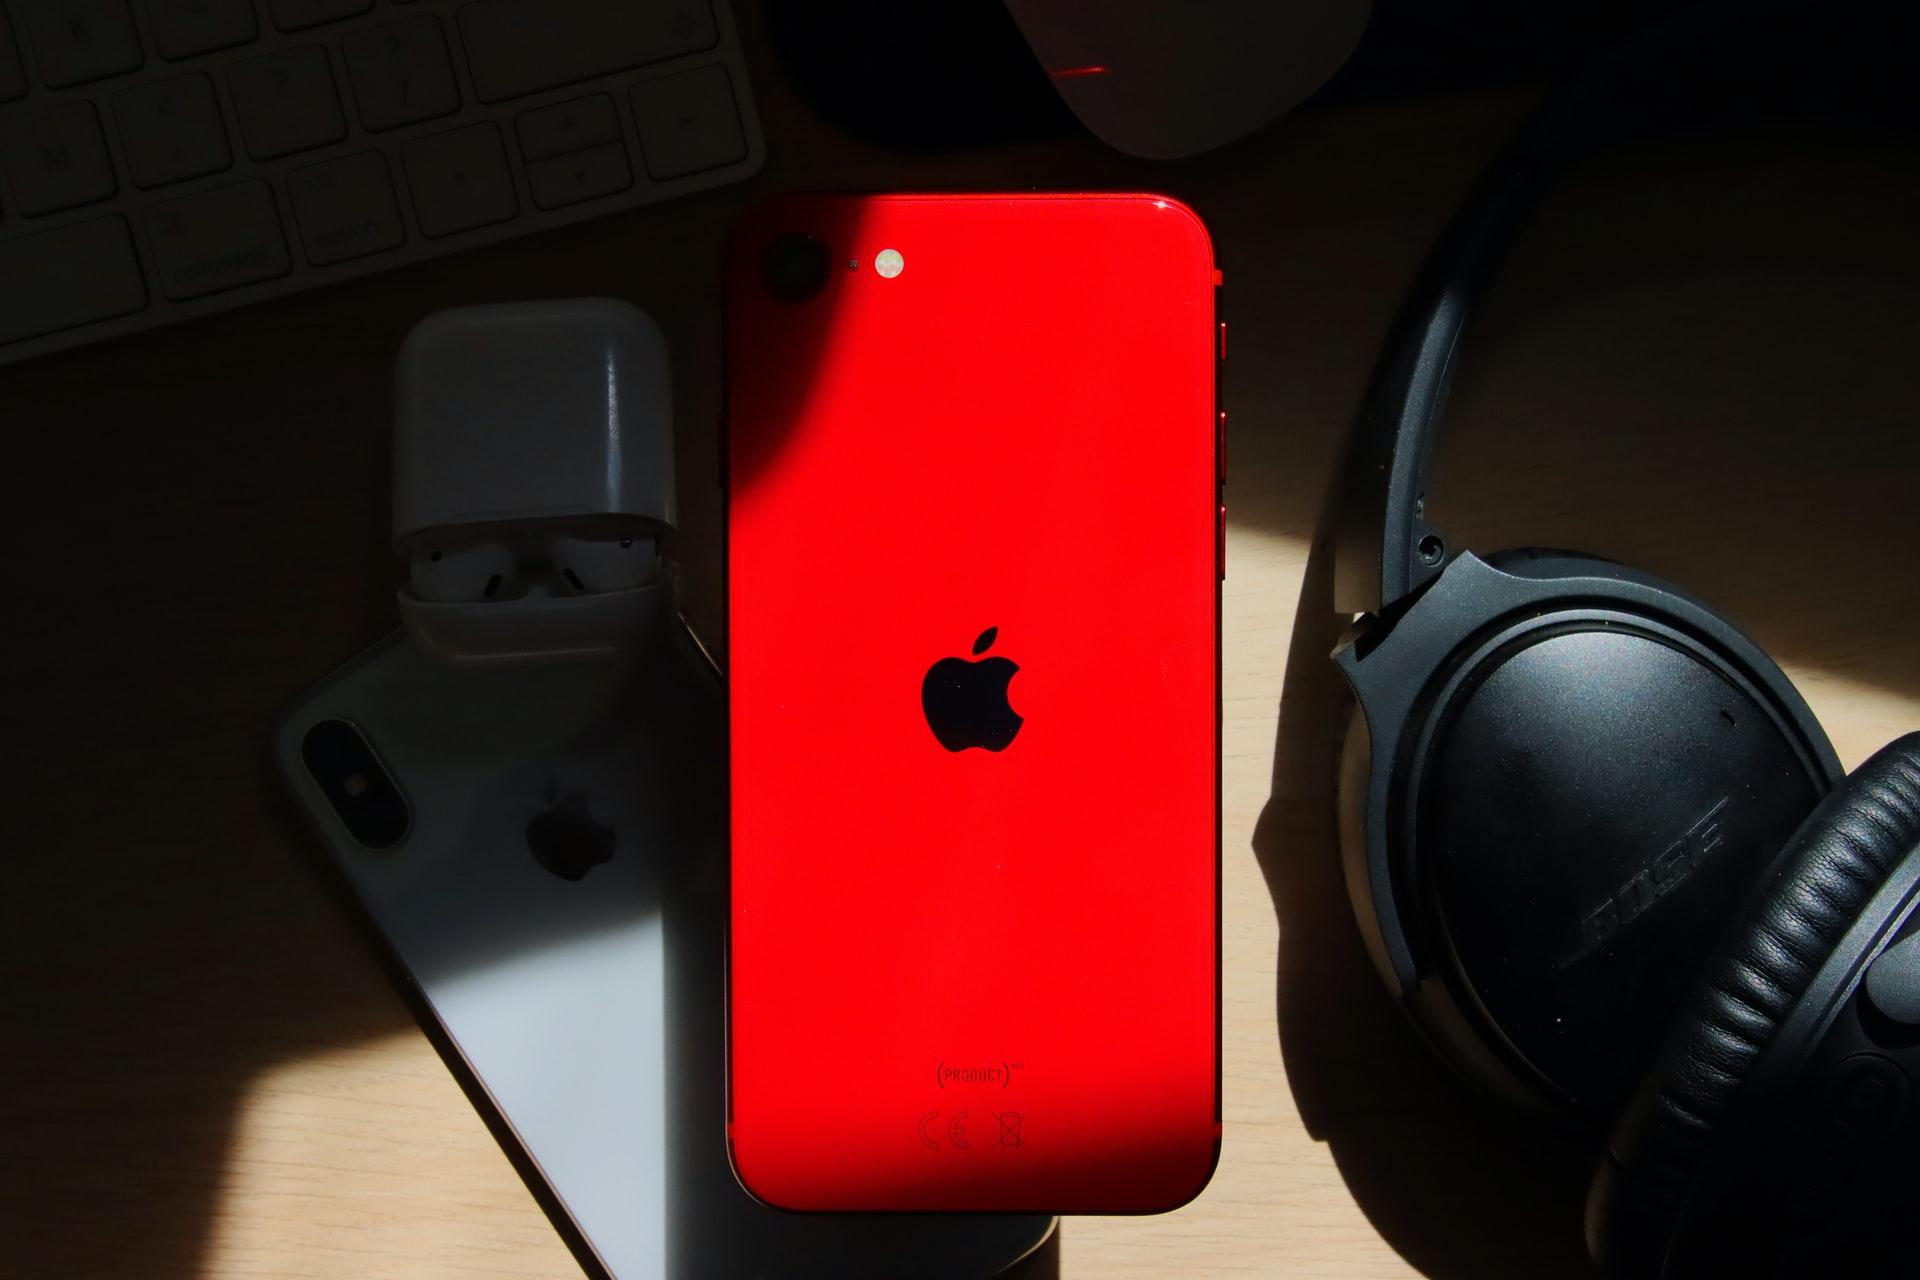 L'iPhone SE (2020) rouge en pleine action